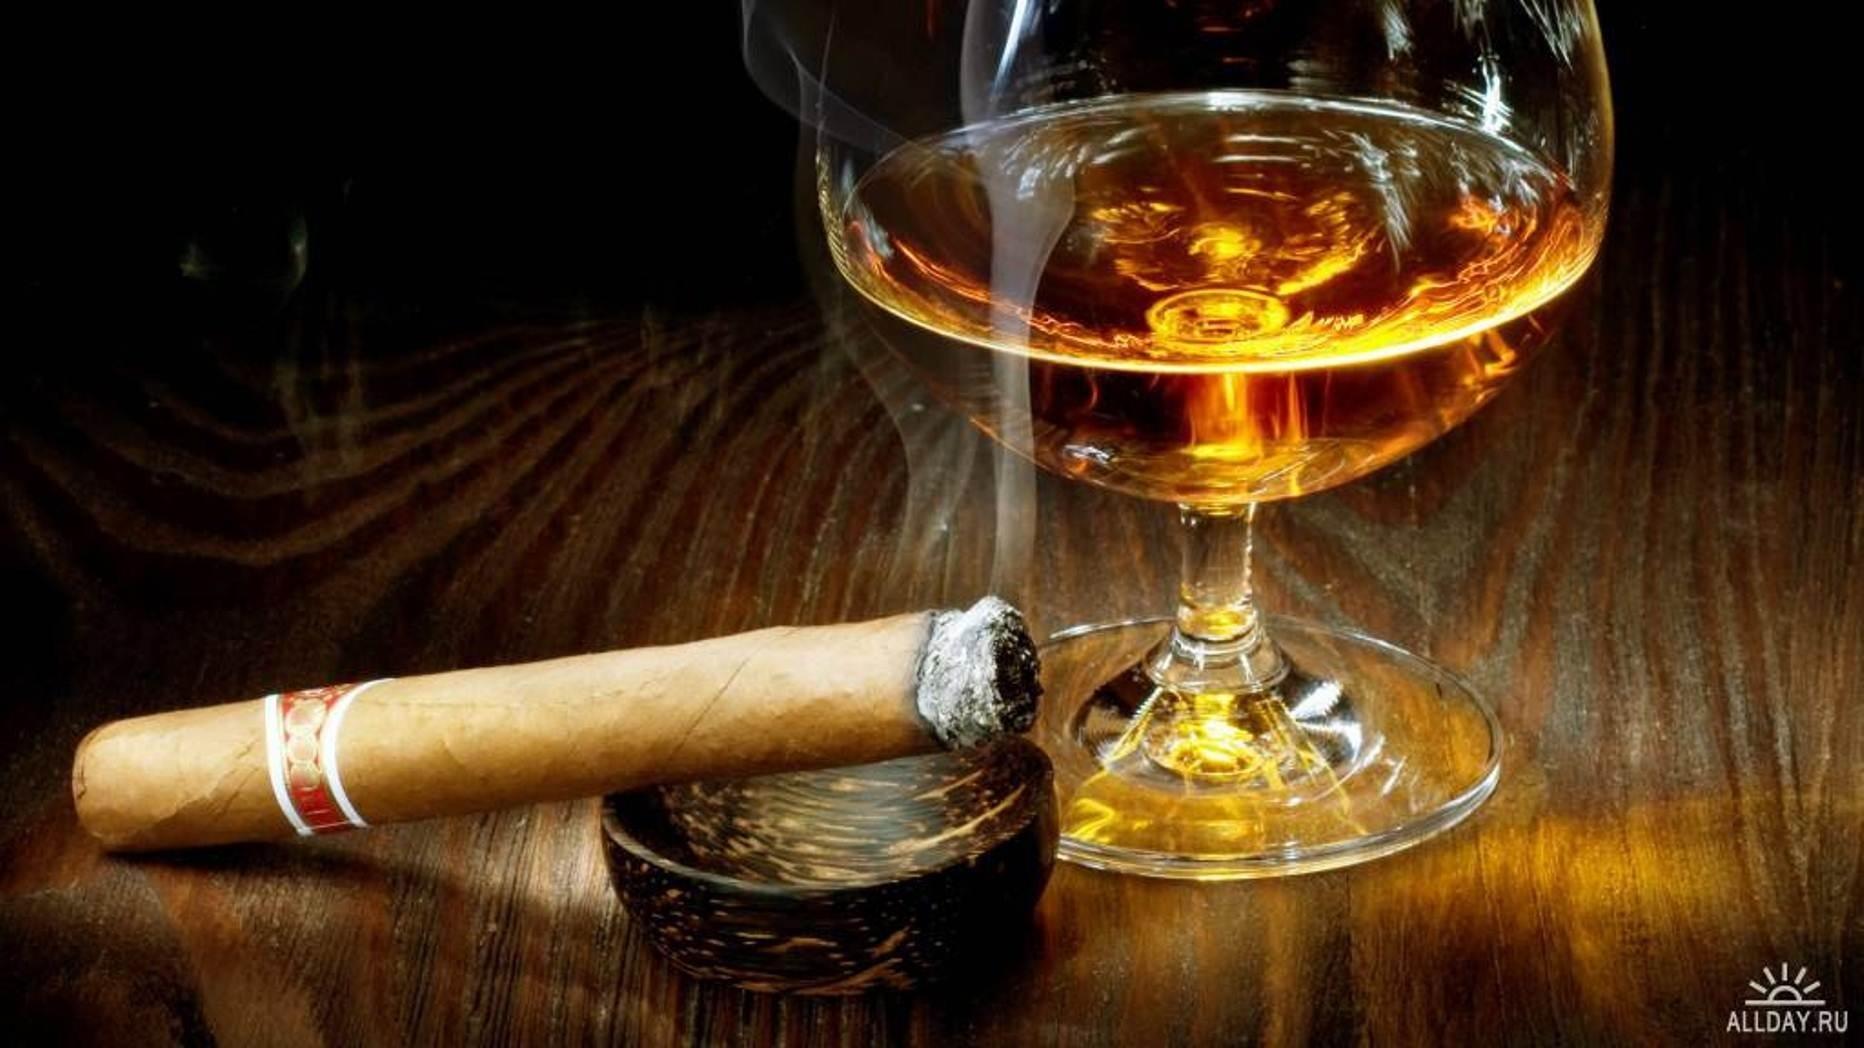 20-viski-hakkinda-bilmeniz-gerekenler